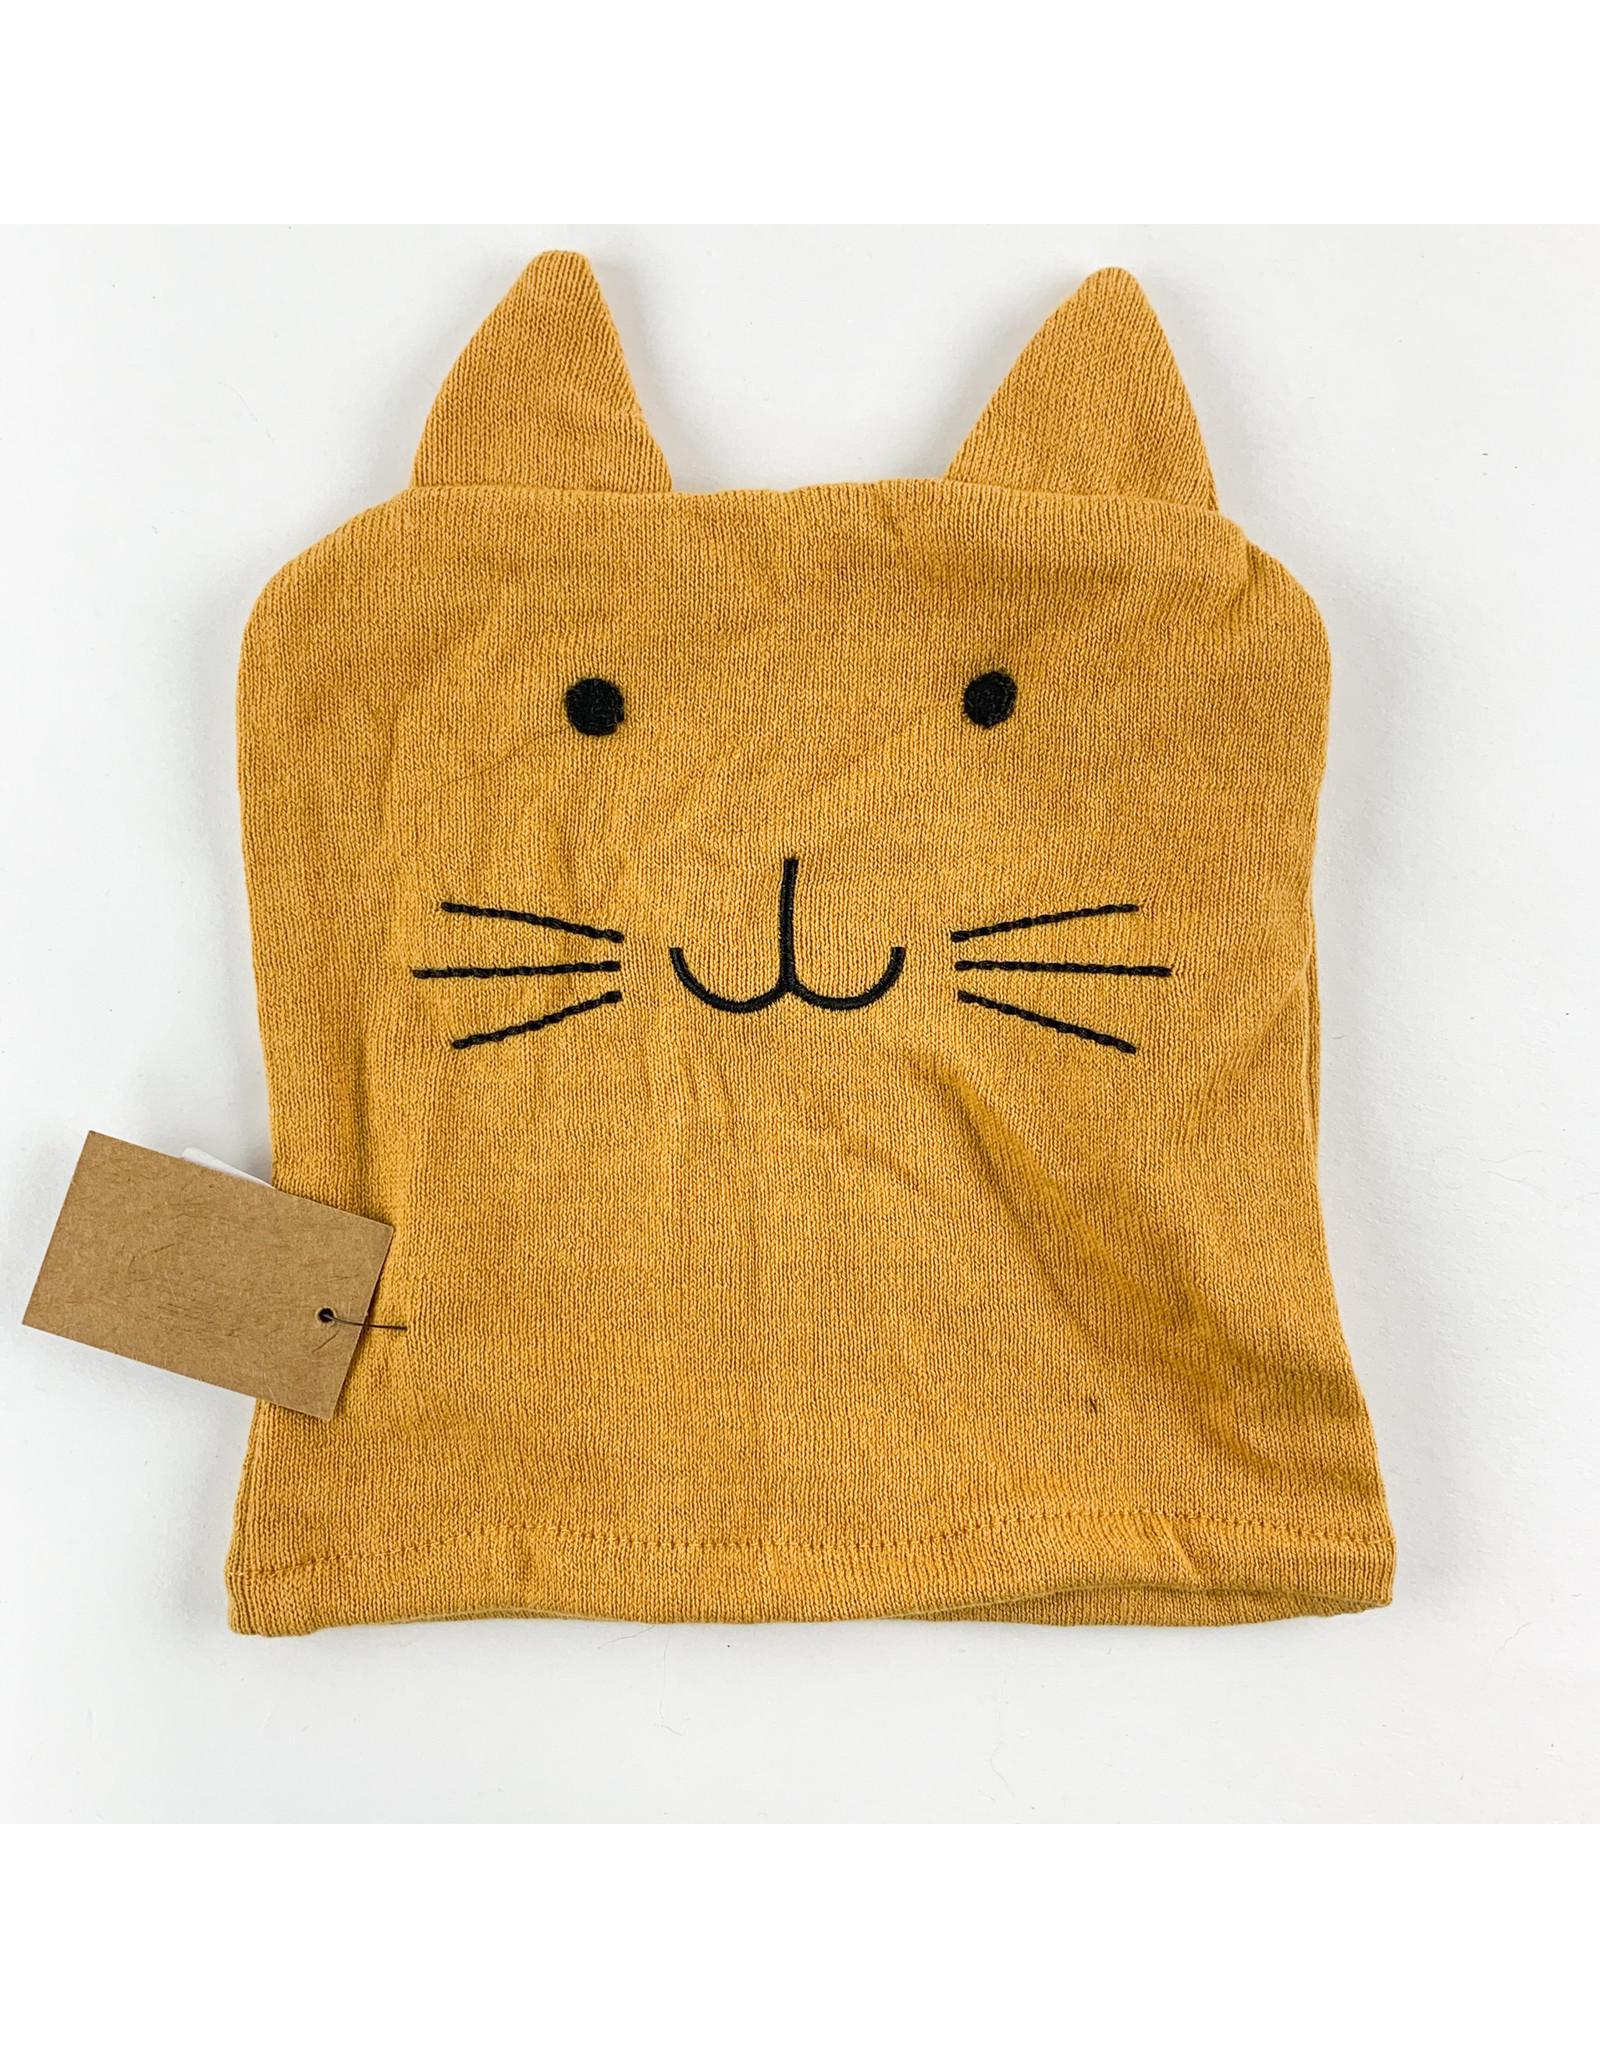 Creative Co-Op Cotton Knit Bath Mitt Yellow Cat